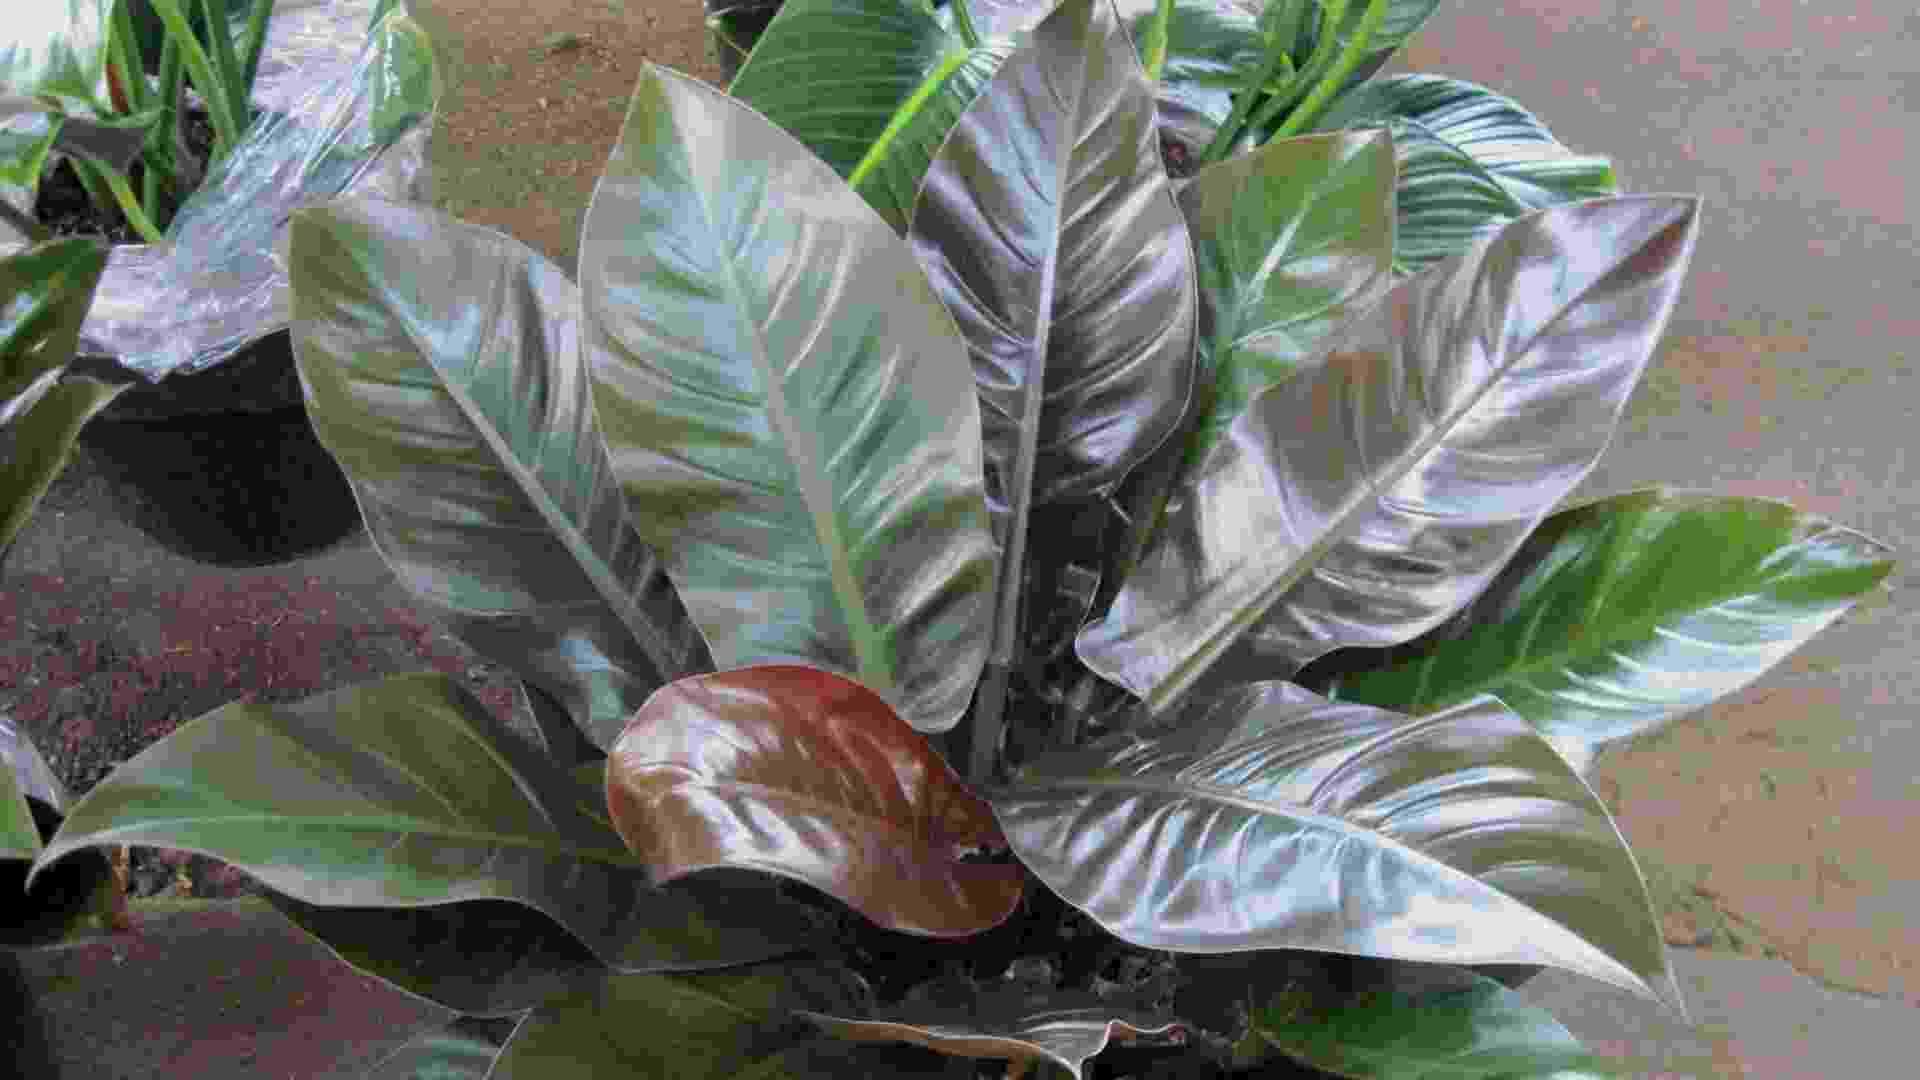 De folhagem ornamental, os filodendros, espécies do gênero Philodendron, são indicados para locais sombreados - Divulgação